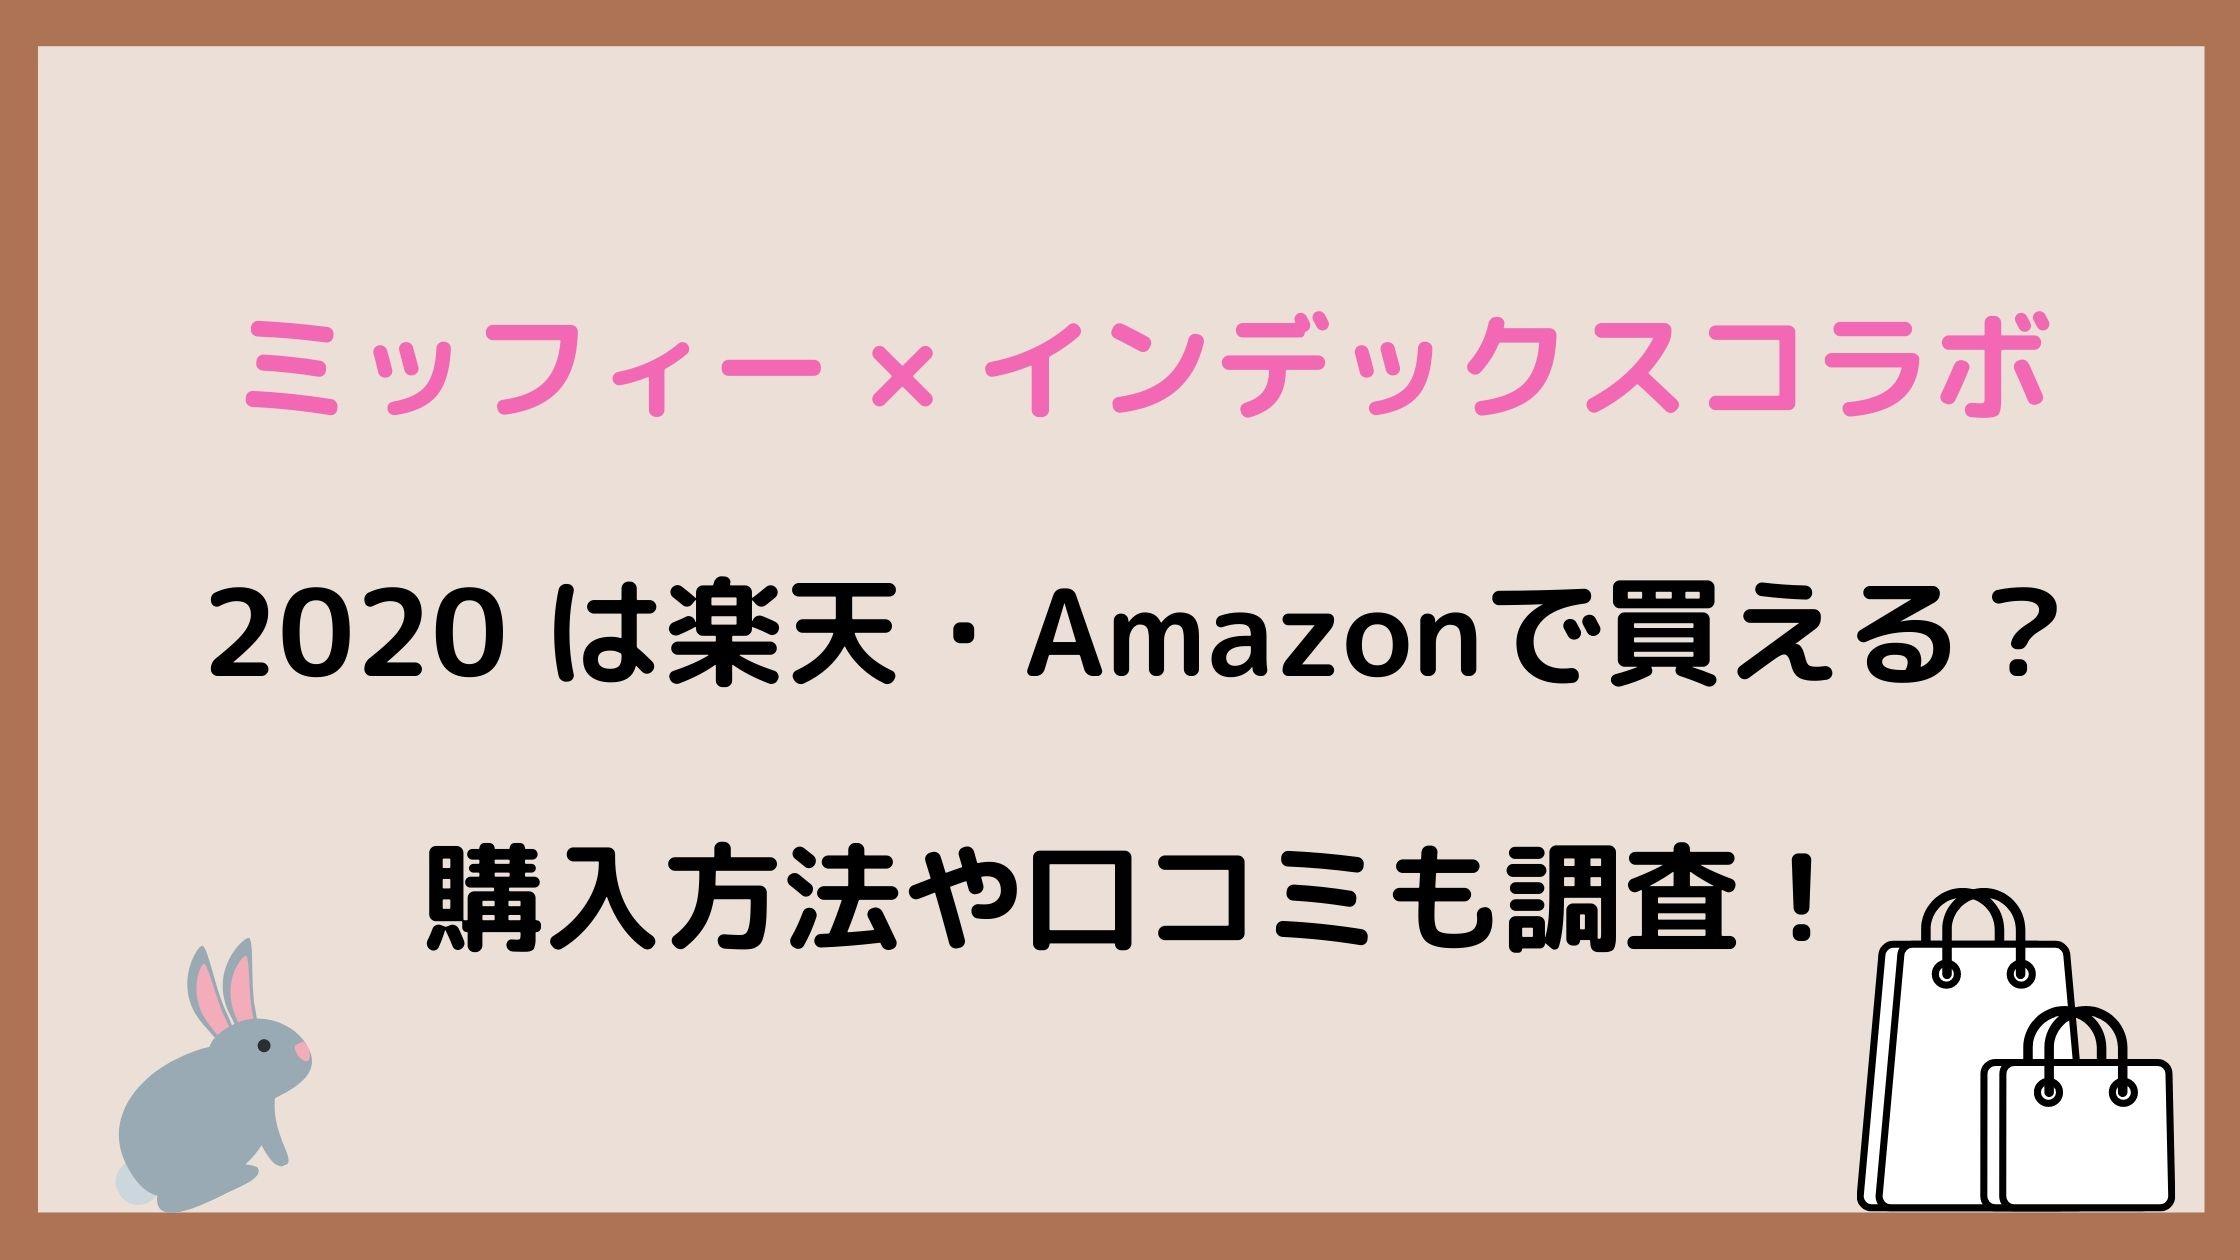 ミッフィー×インデックスコラボ2020は楽天・Amazonで買える?購入方法や口コミも調査!